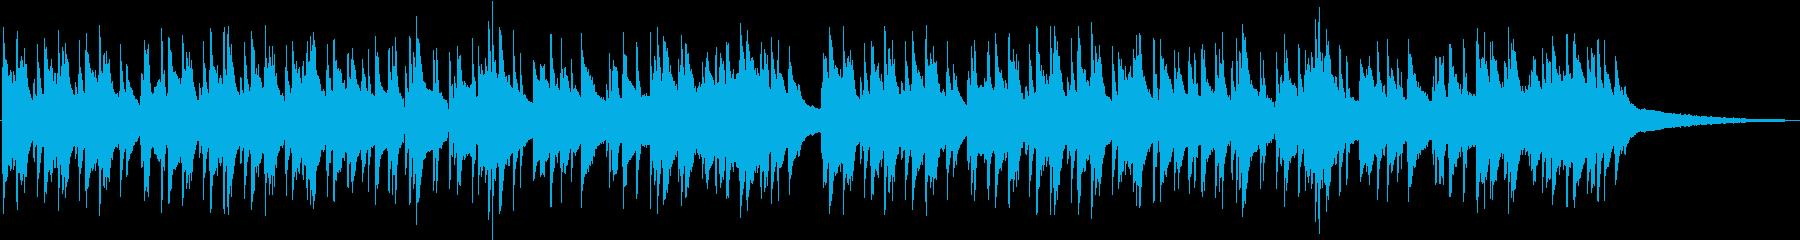 ゆったりお洒落なピアノジャズの再生済みの波形